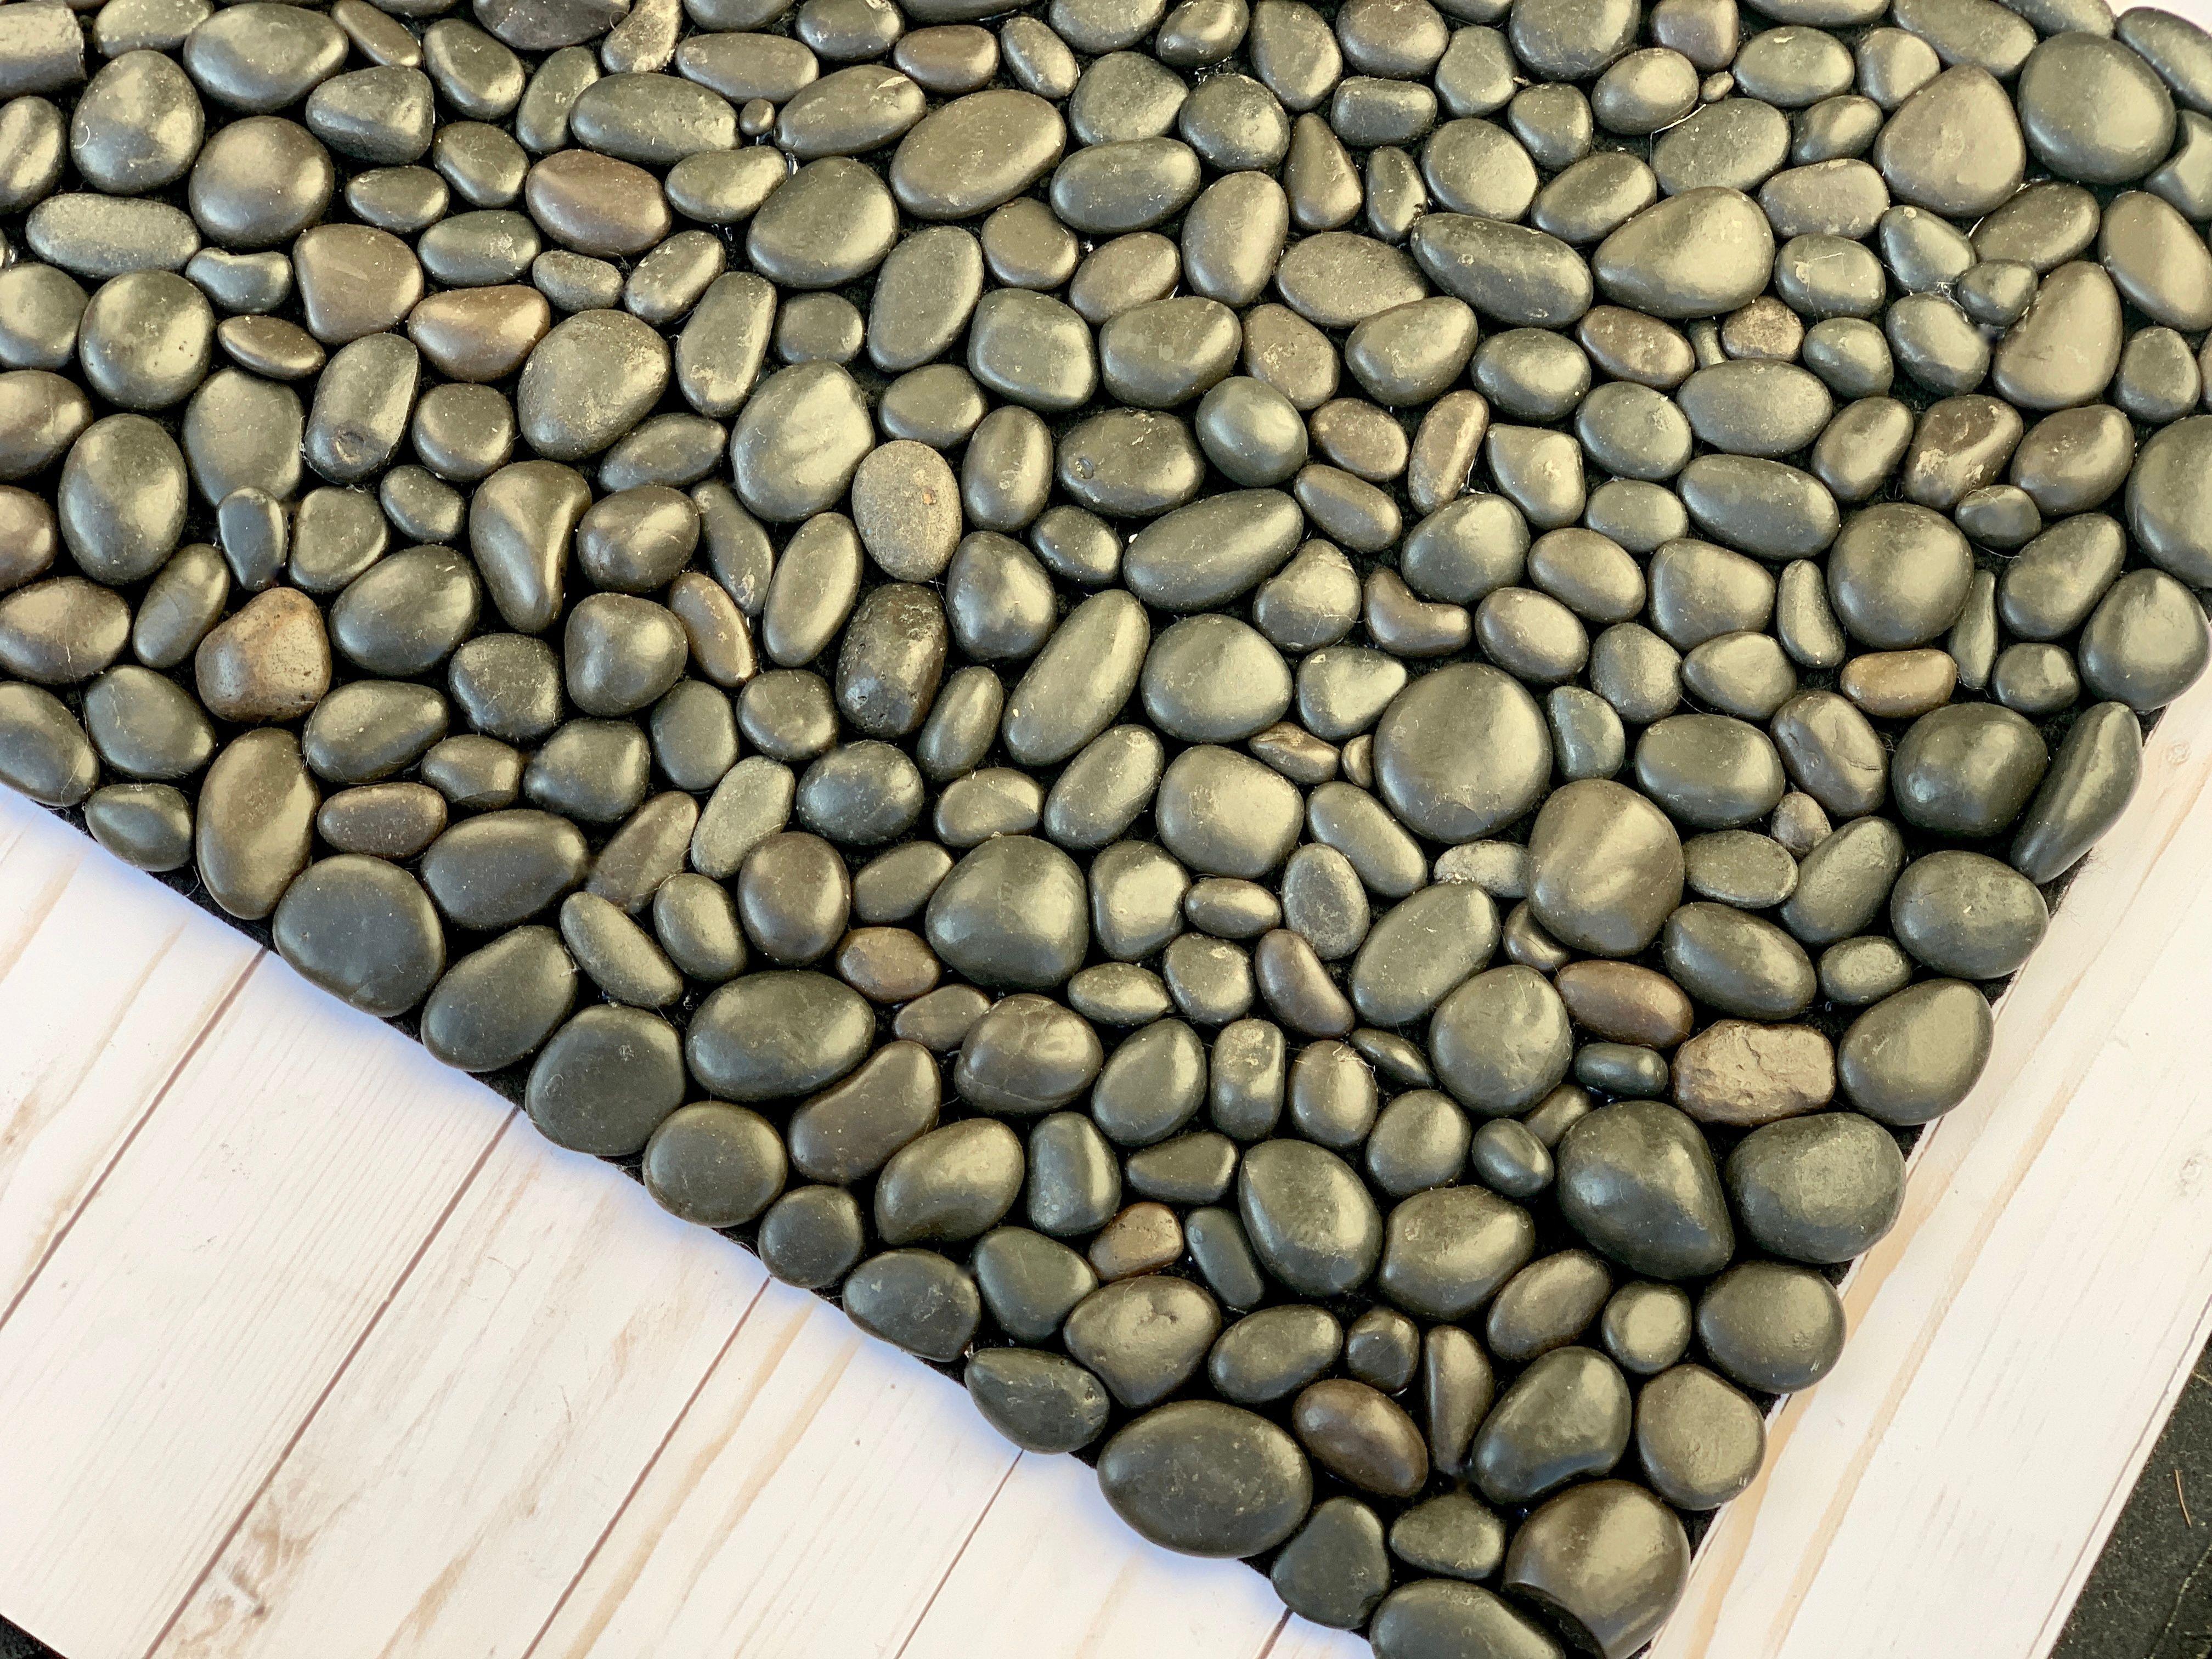 Diy River Rock Welcome Doormat Ehow Com In 2020 Diy River Rock Door Mat Diy River Rock